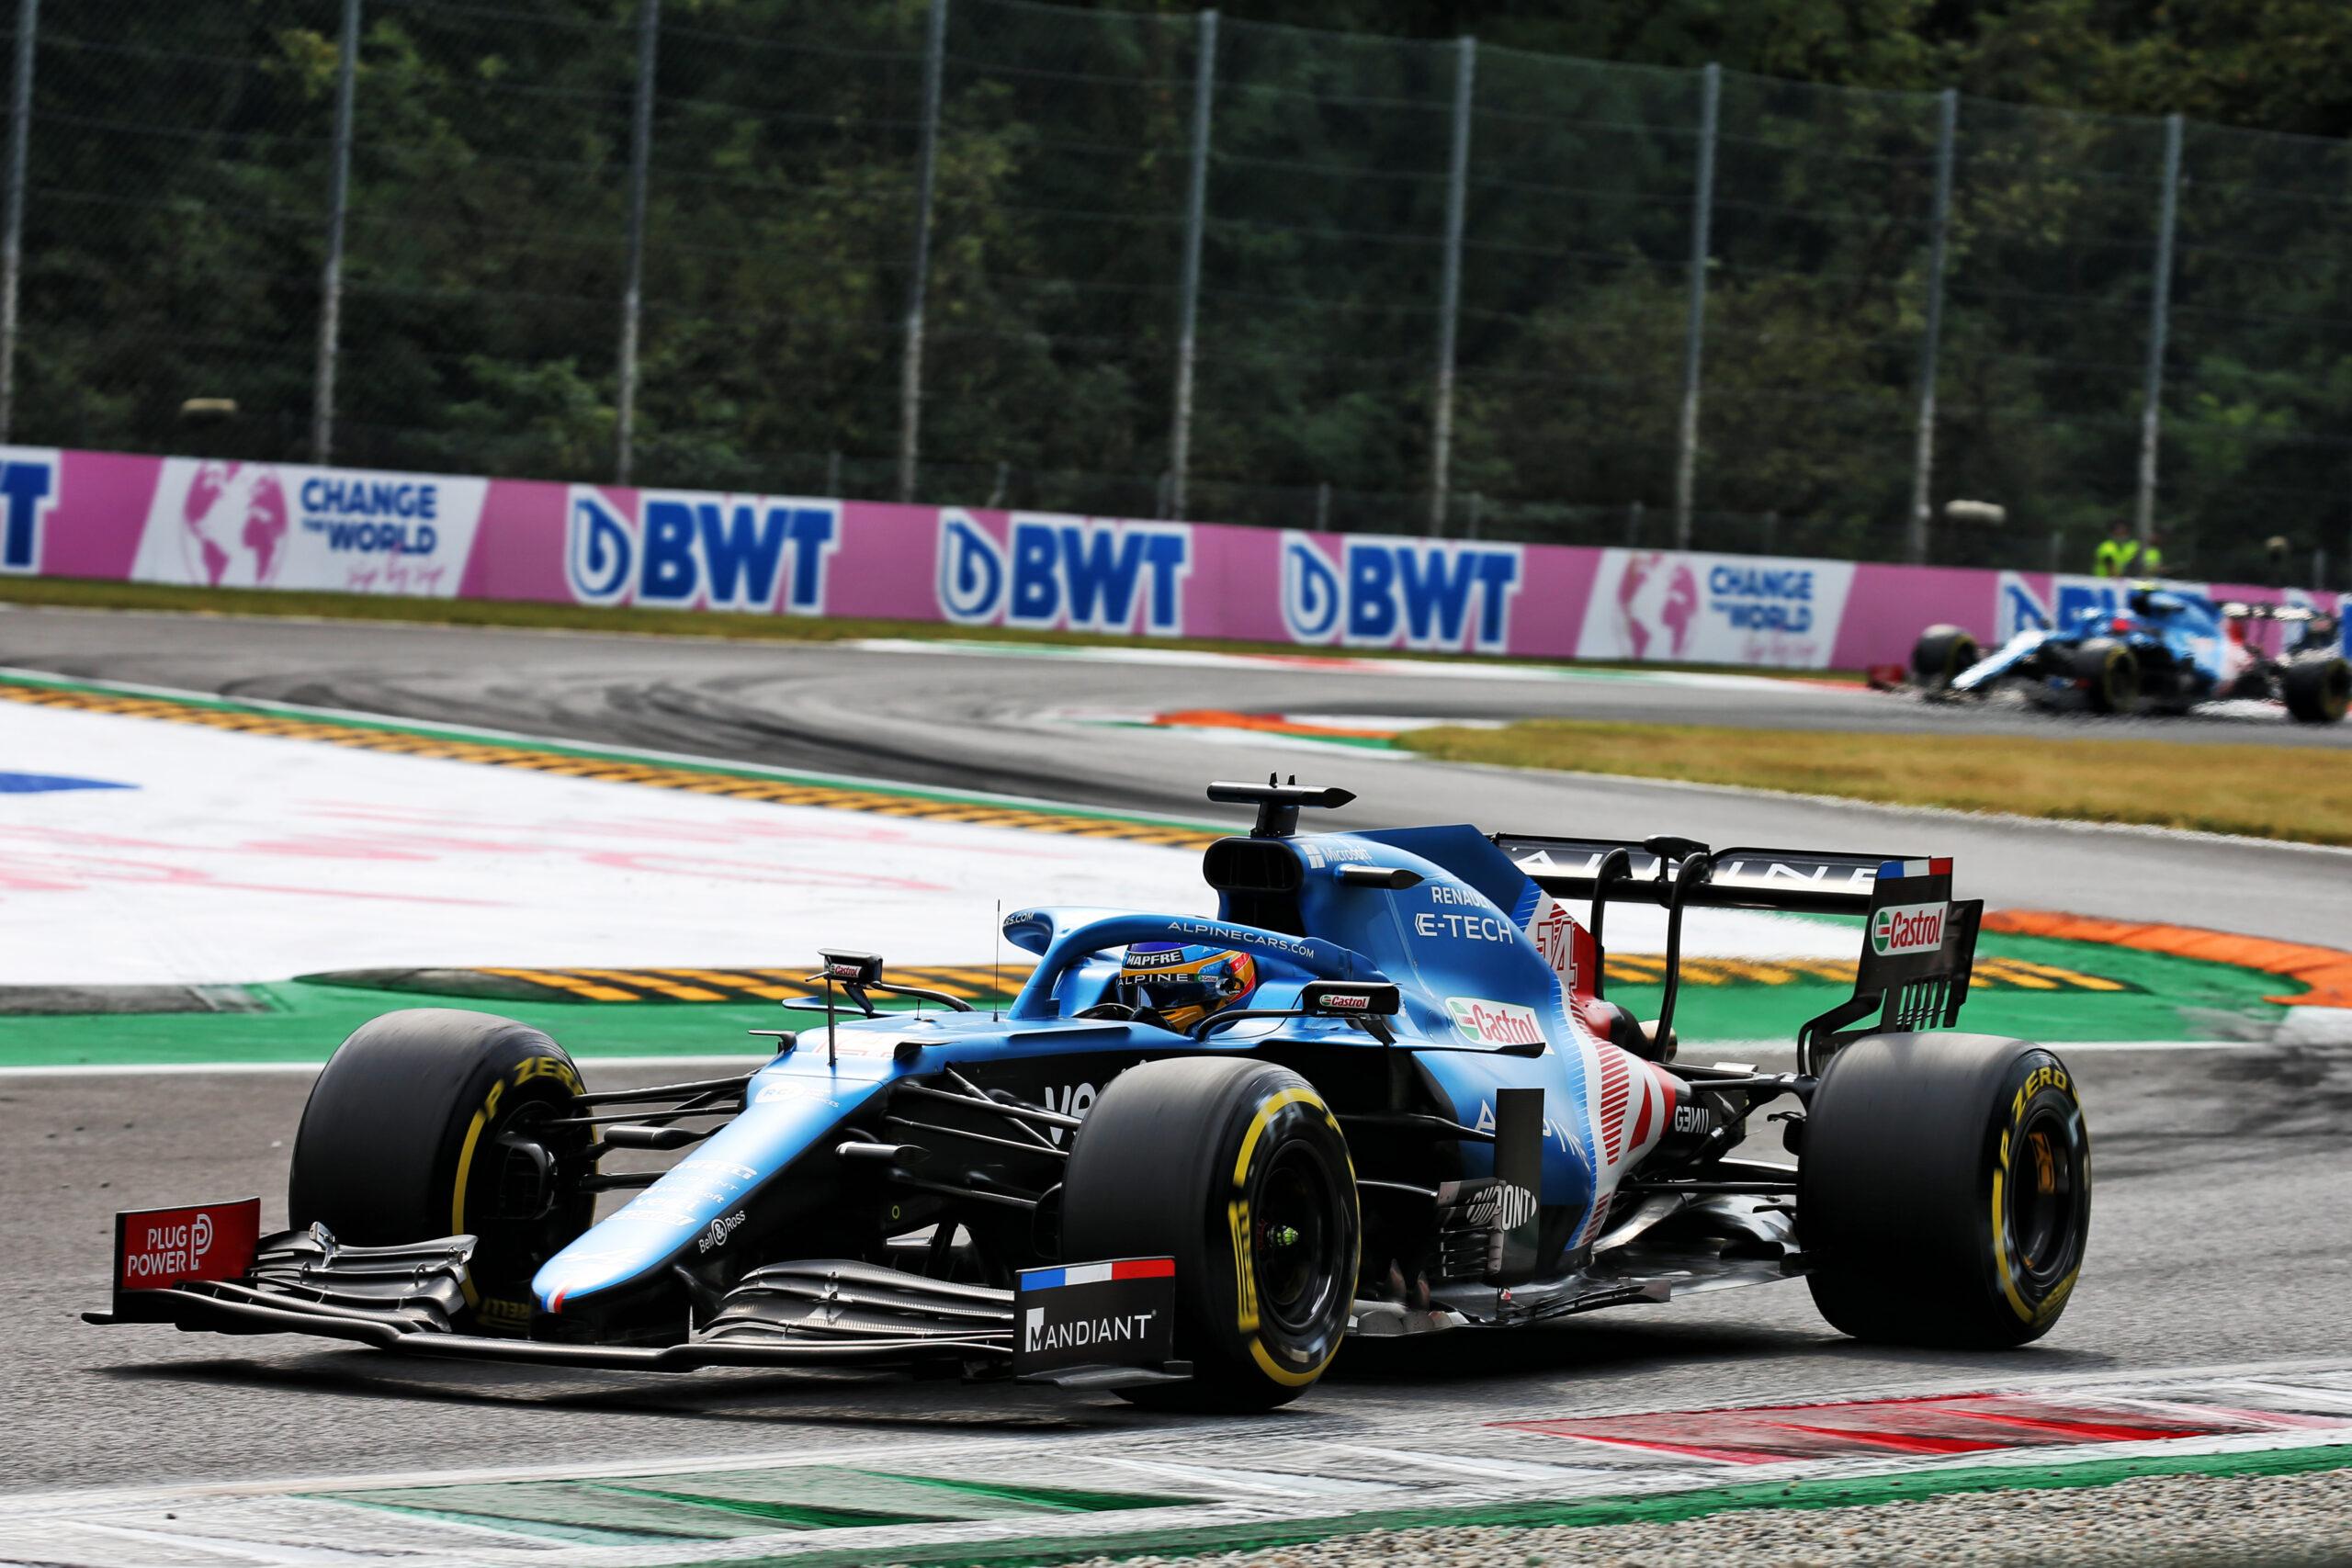 F1 - Alonso satisfait de sa P8 malgré le manque de rythme d'Alpine à Monza